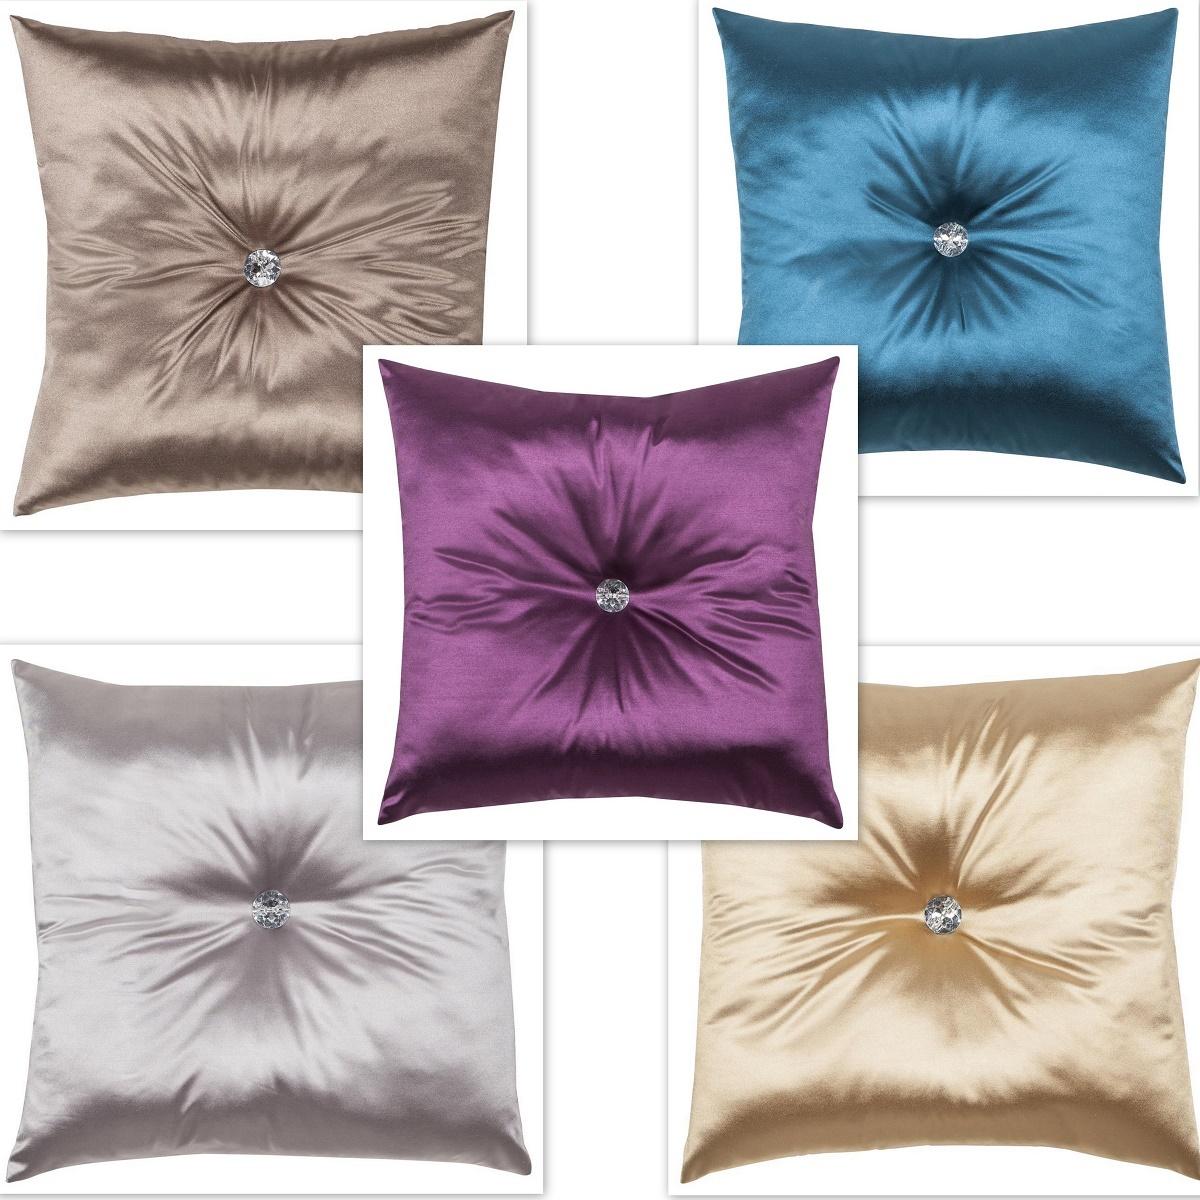 indoor kissen 47cm x 47cm vivaldi kopfkissen deko sofakissen versch farben. Black Bedroom Furniture Sets. Home Design Ideas